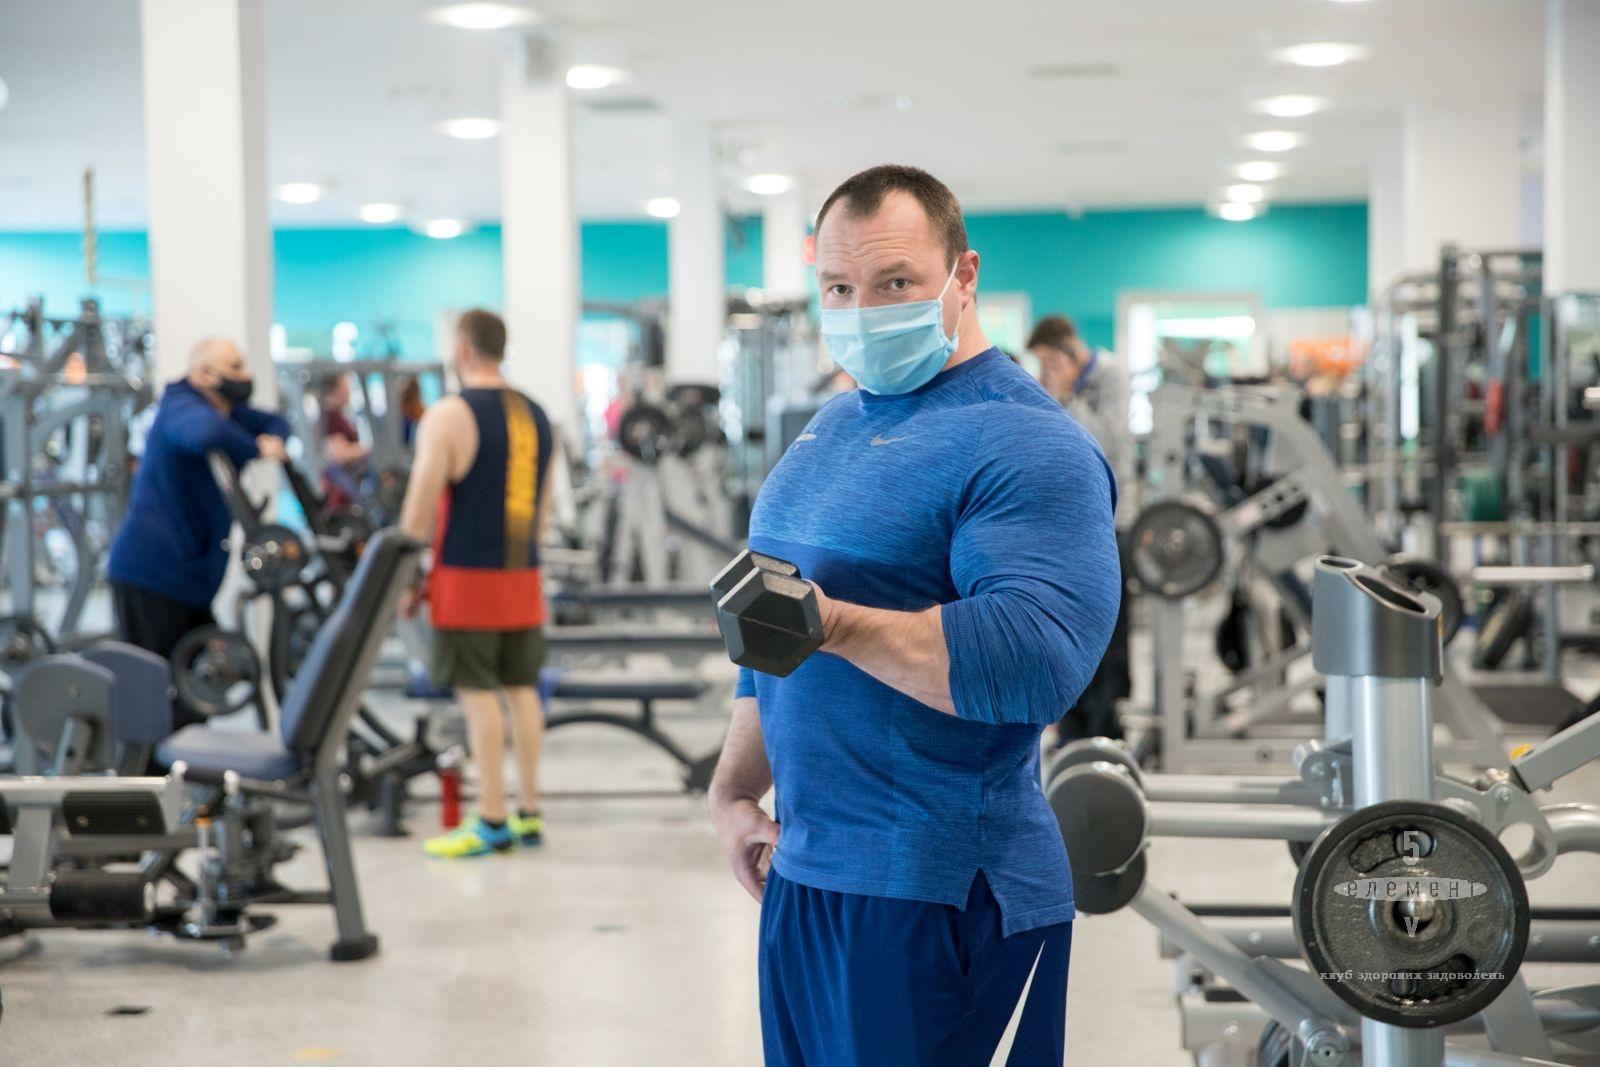 Клуб здорових задоволень «5 елемент»: тим, хто хоче підвищити імунітет і поліпшити фізичну форму— фітнес-клуб 5 елемент